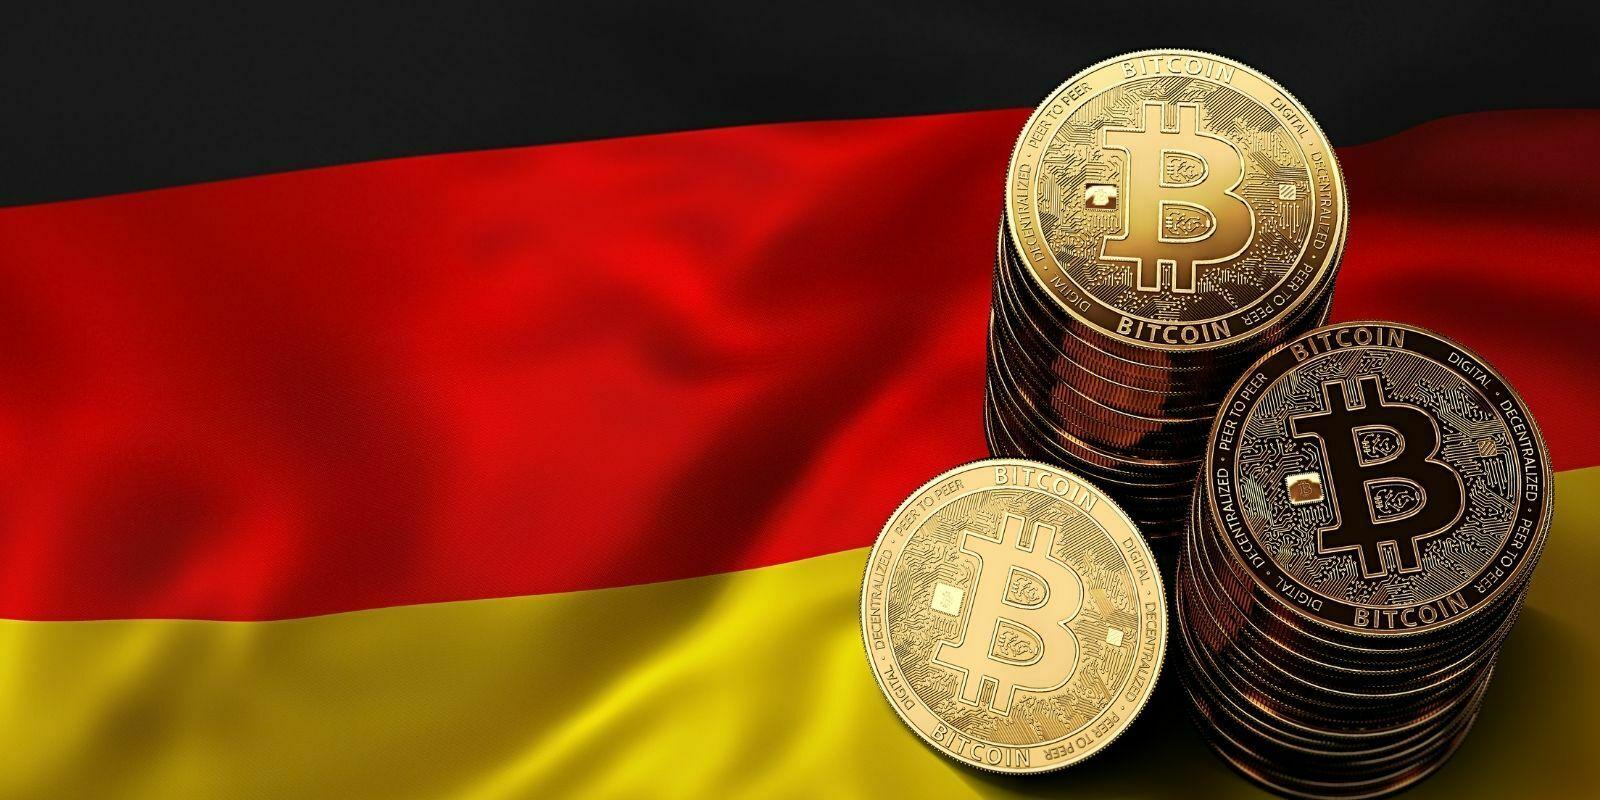 La banque allemande Donner & Reuschel va offrir un service d'achat et de conservation de cryptomonnaies